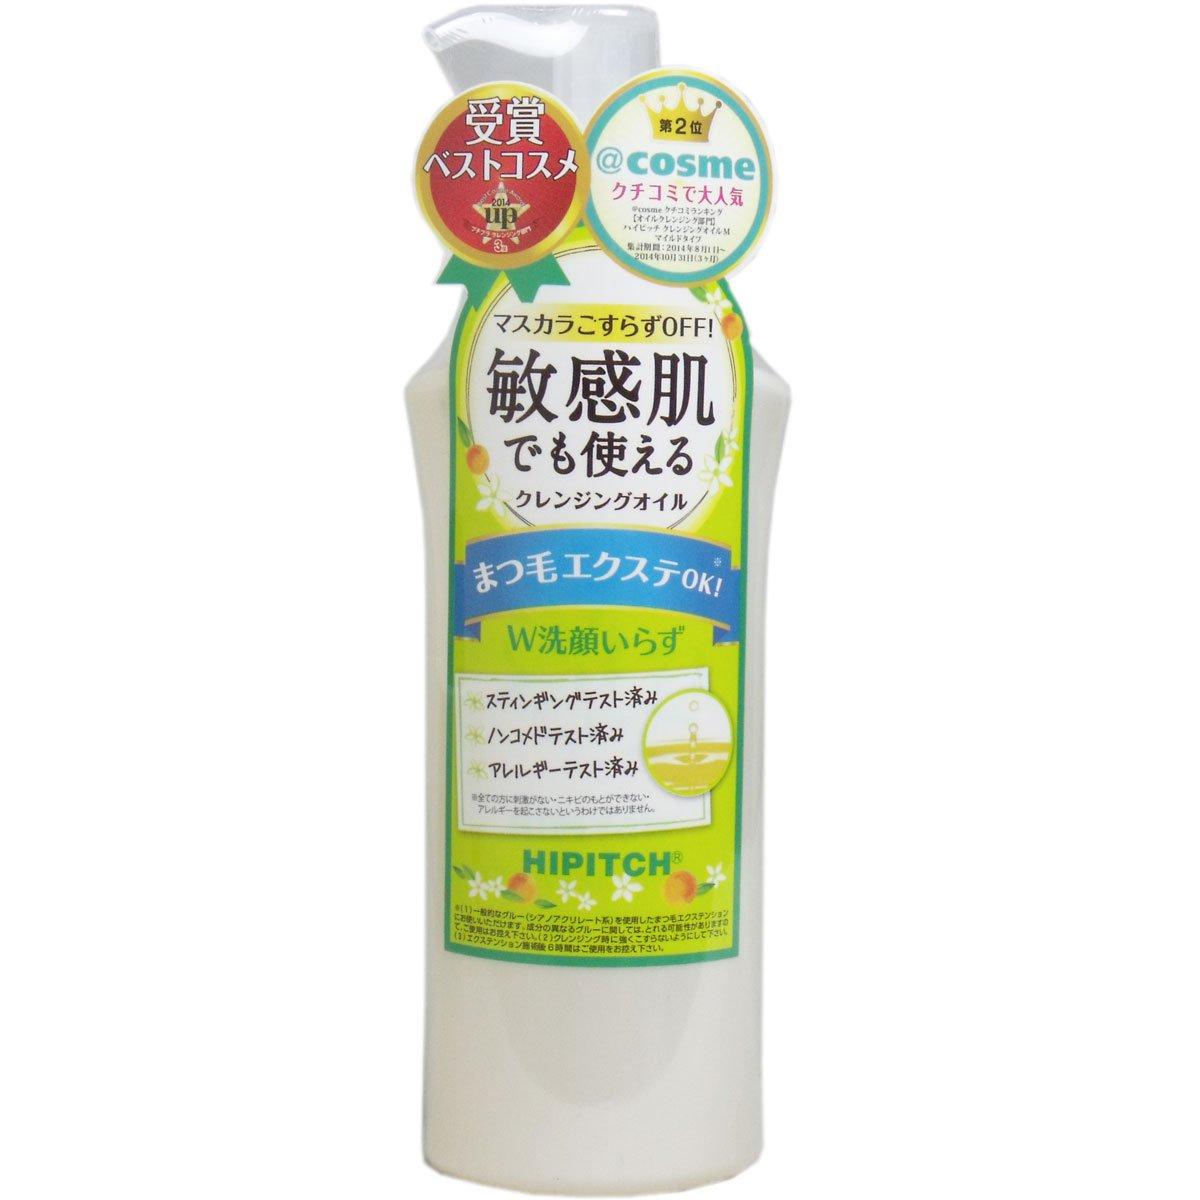 【黒龍堂化粧品】ハイピッチ クレンジングオイルM 190ML ×20個セット B00W0GPMGE